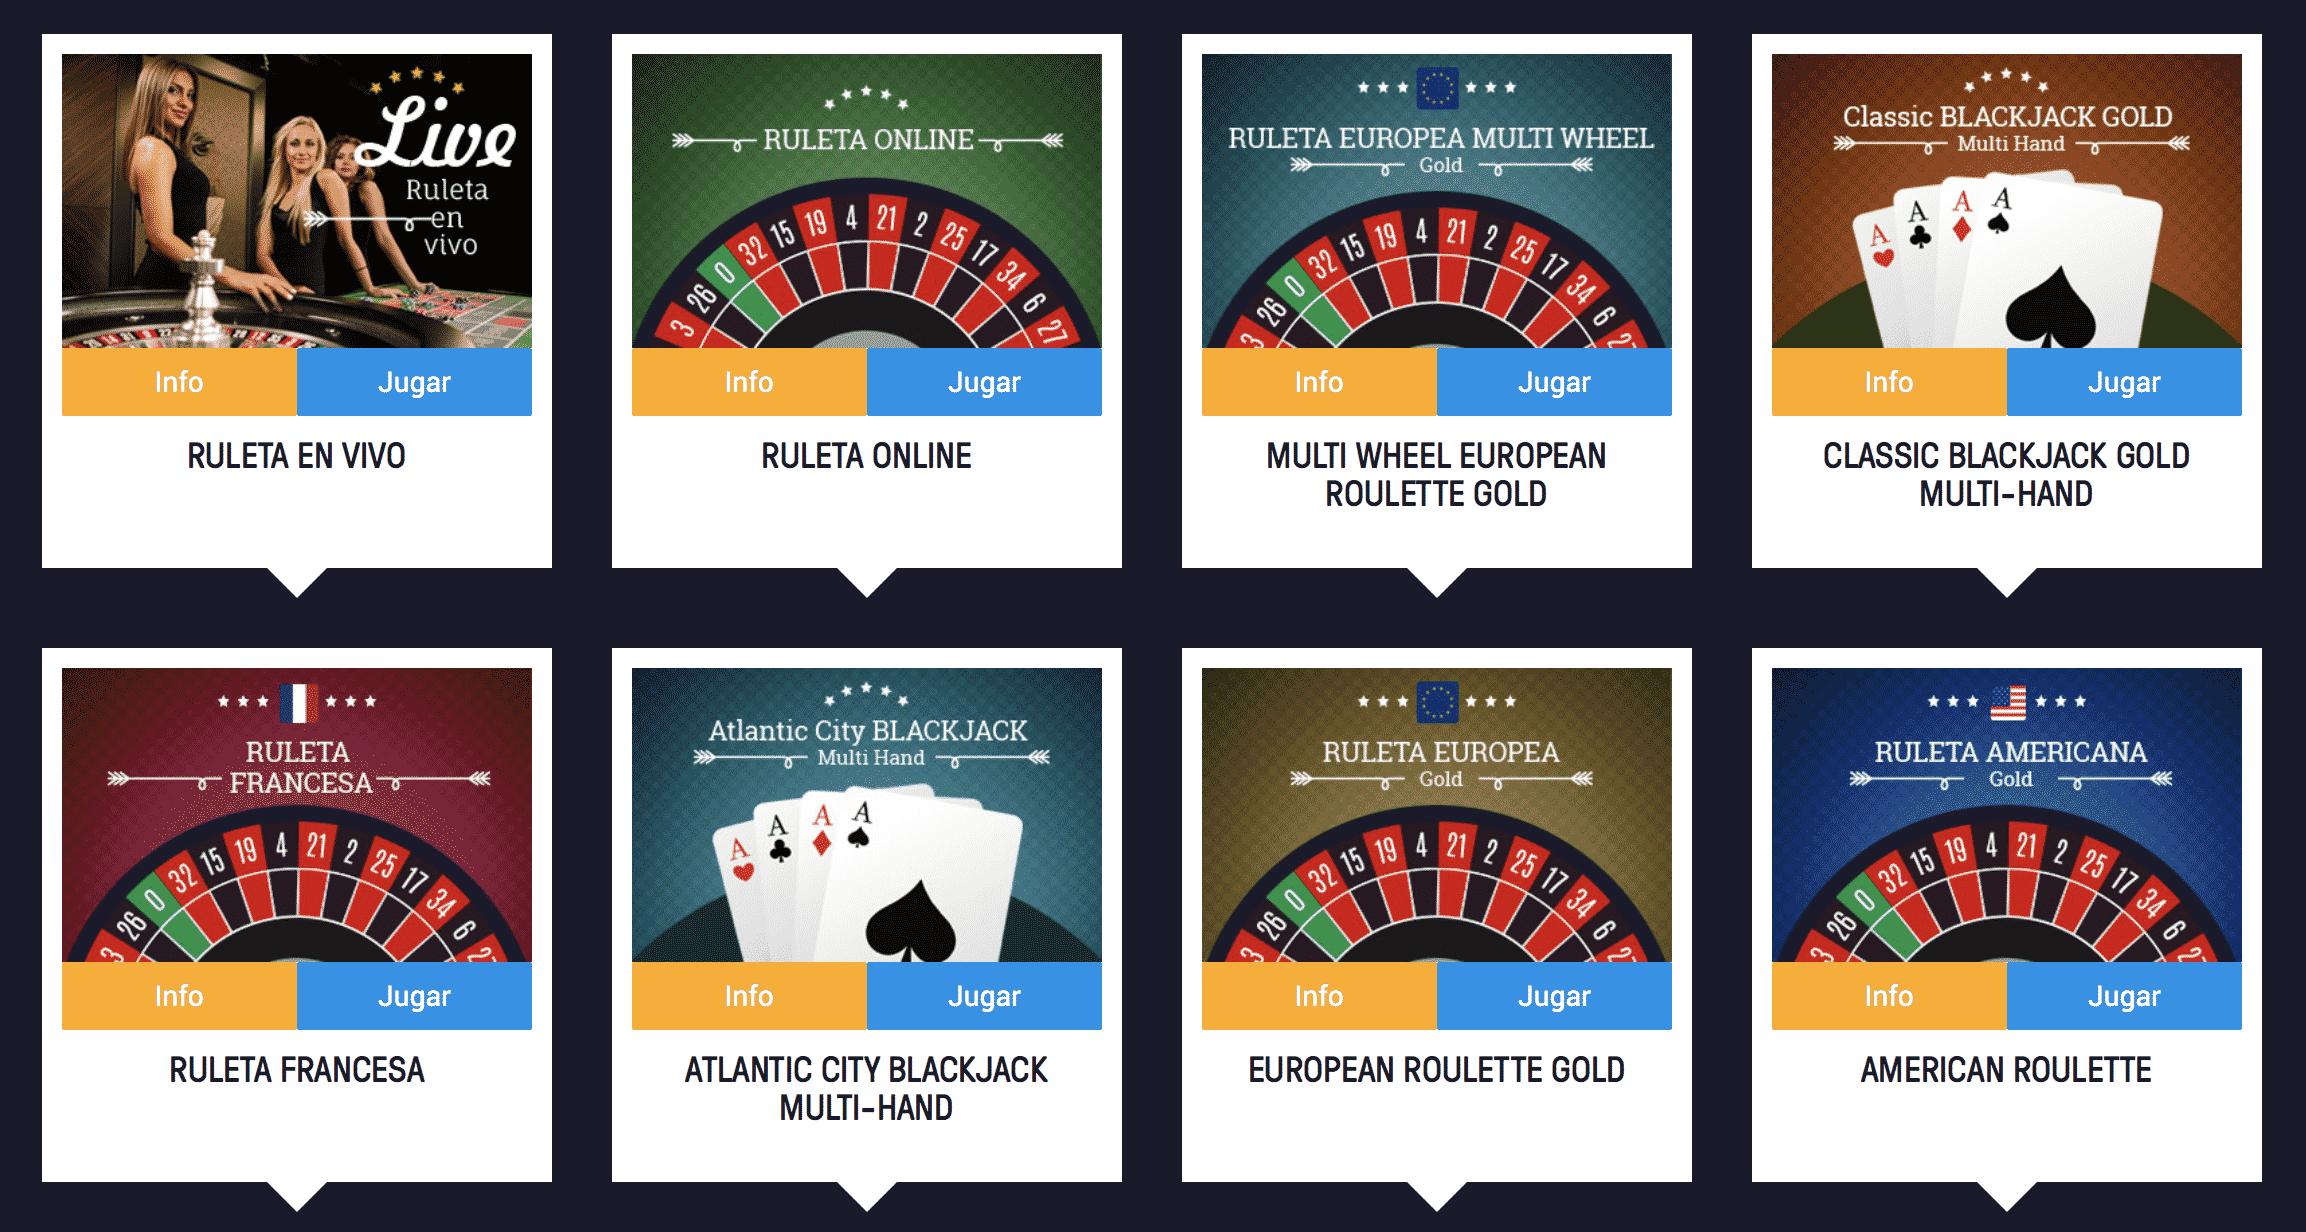 Maestro transferencia casino casa de apuestas paston-396634